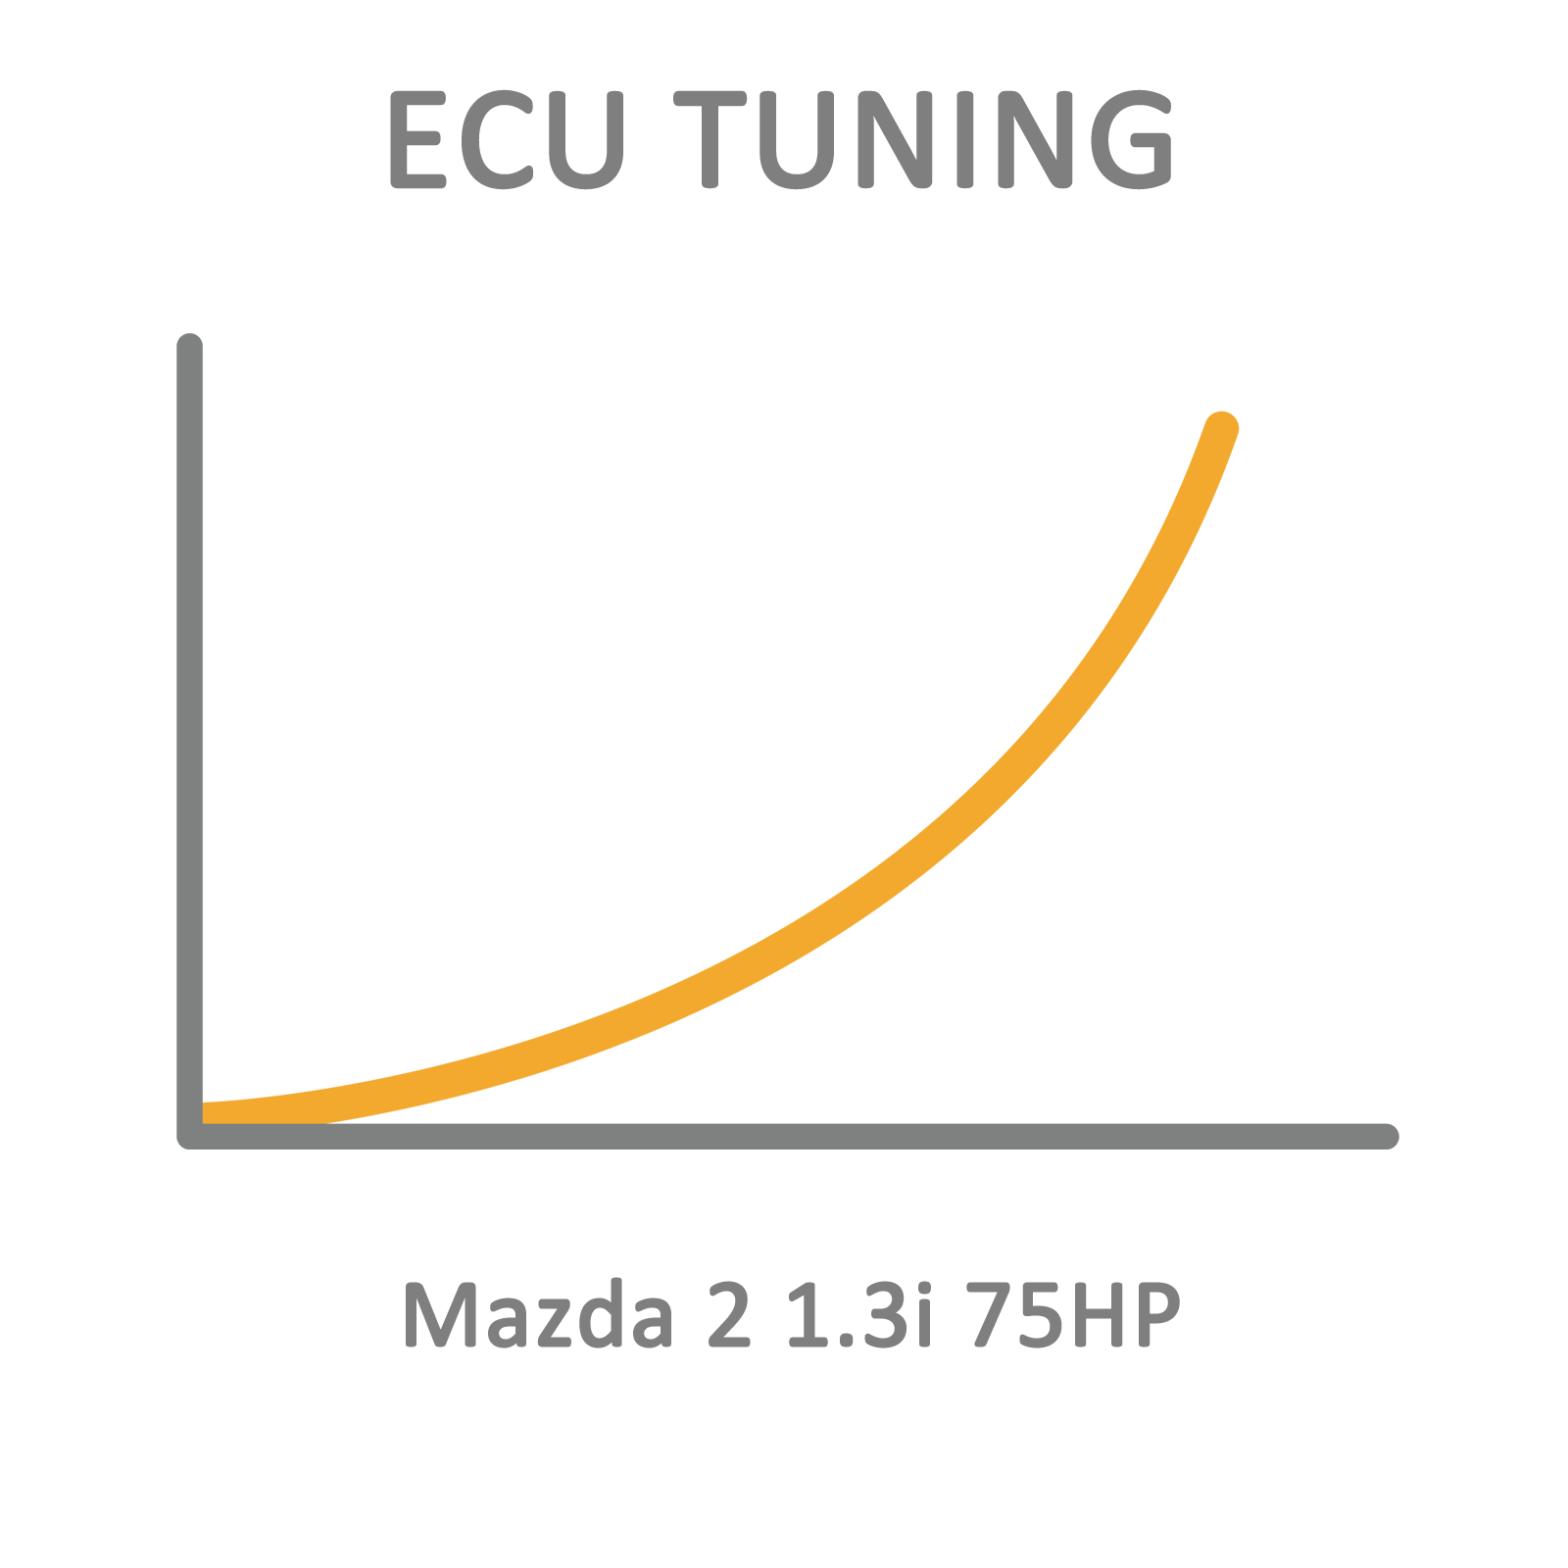 Mazda 2 1.3i 75HP ECU Tuning Remapping Programming